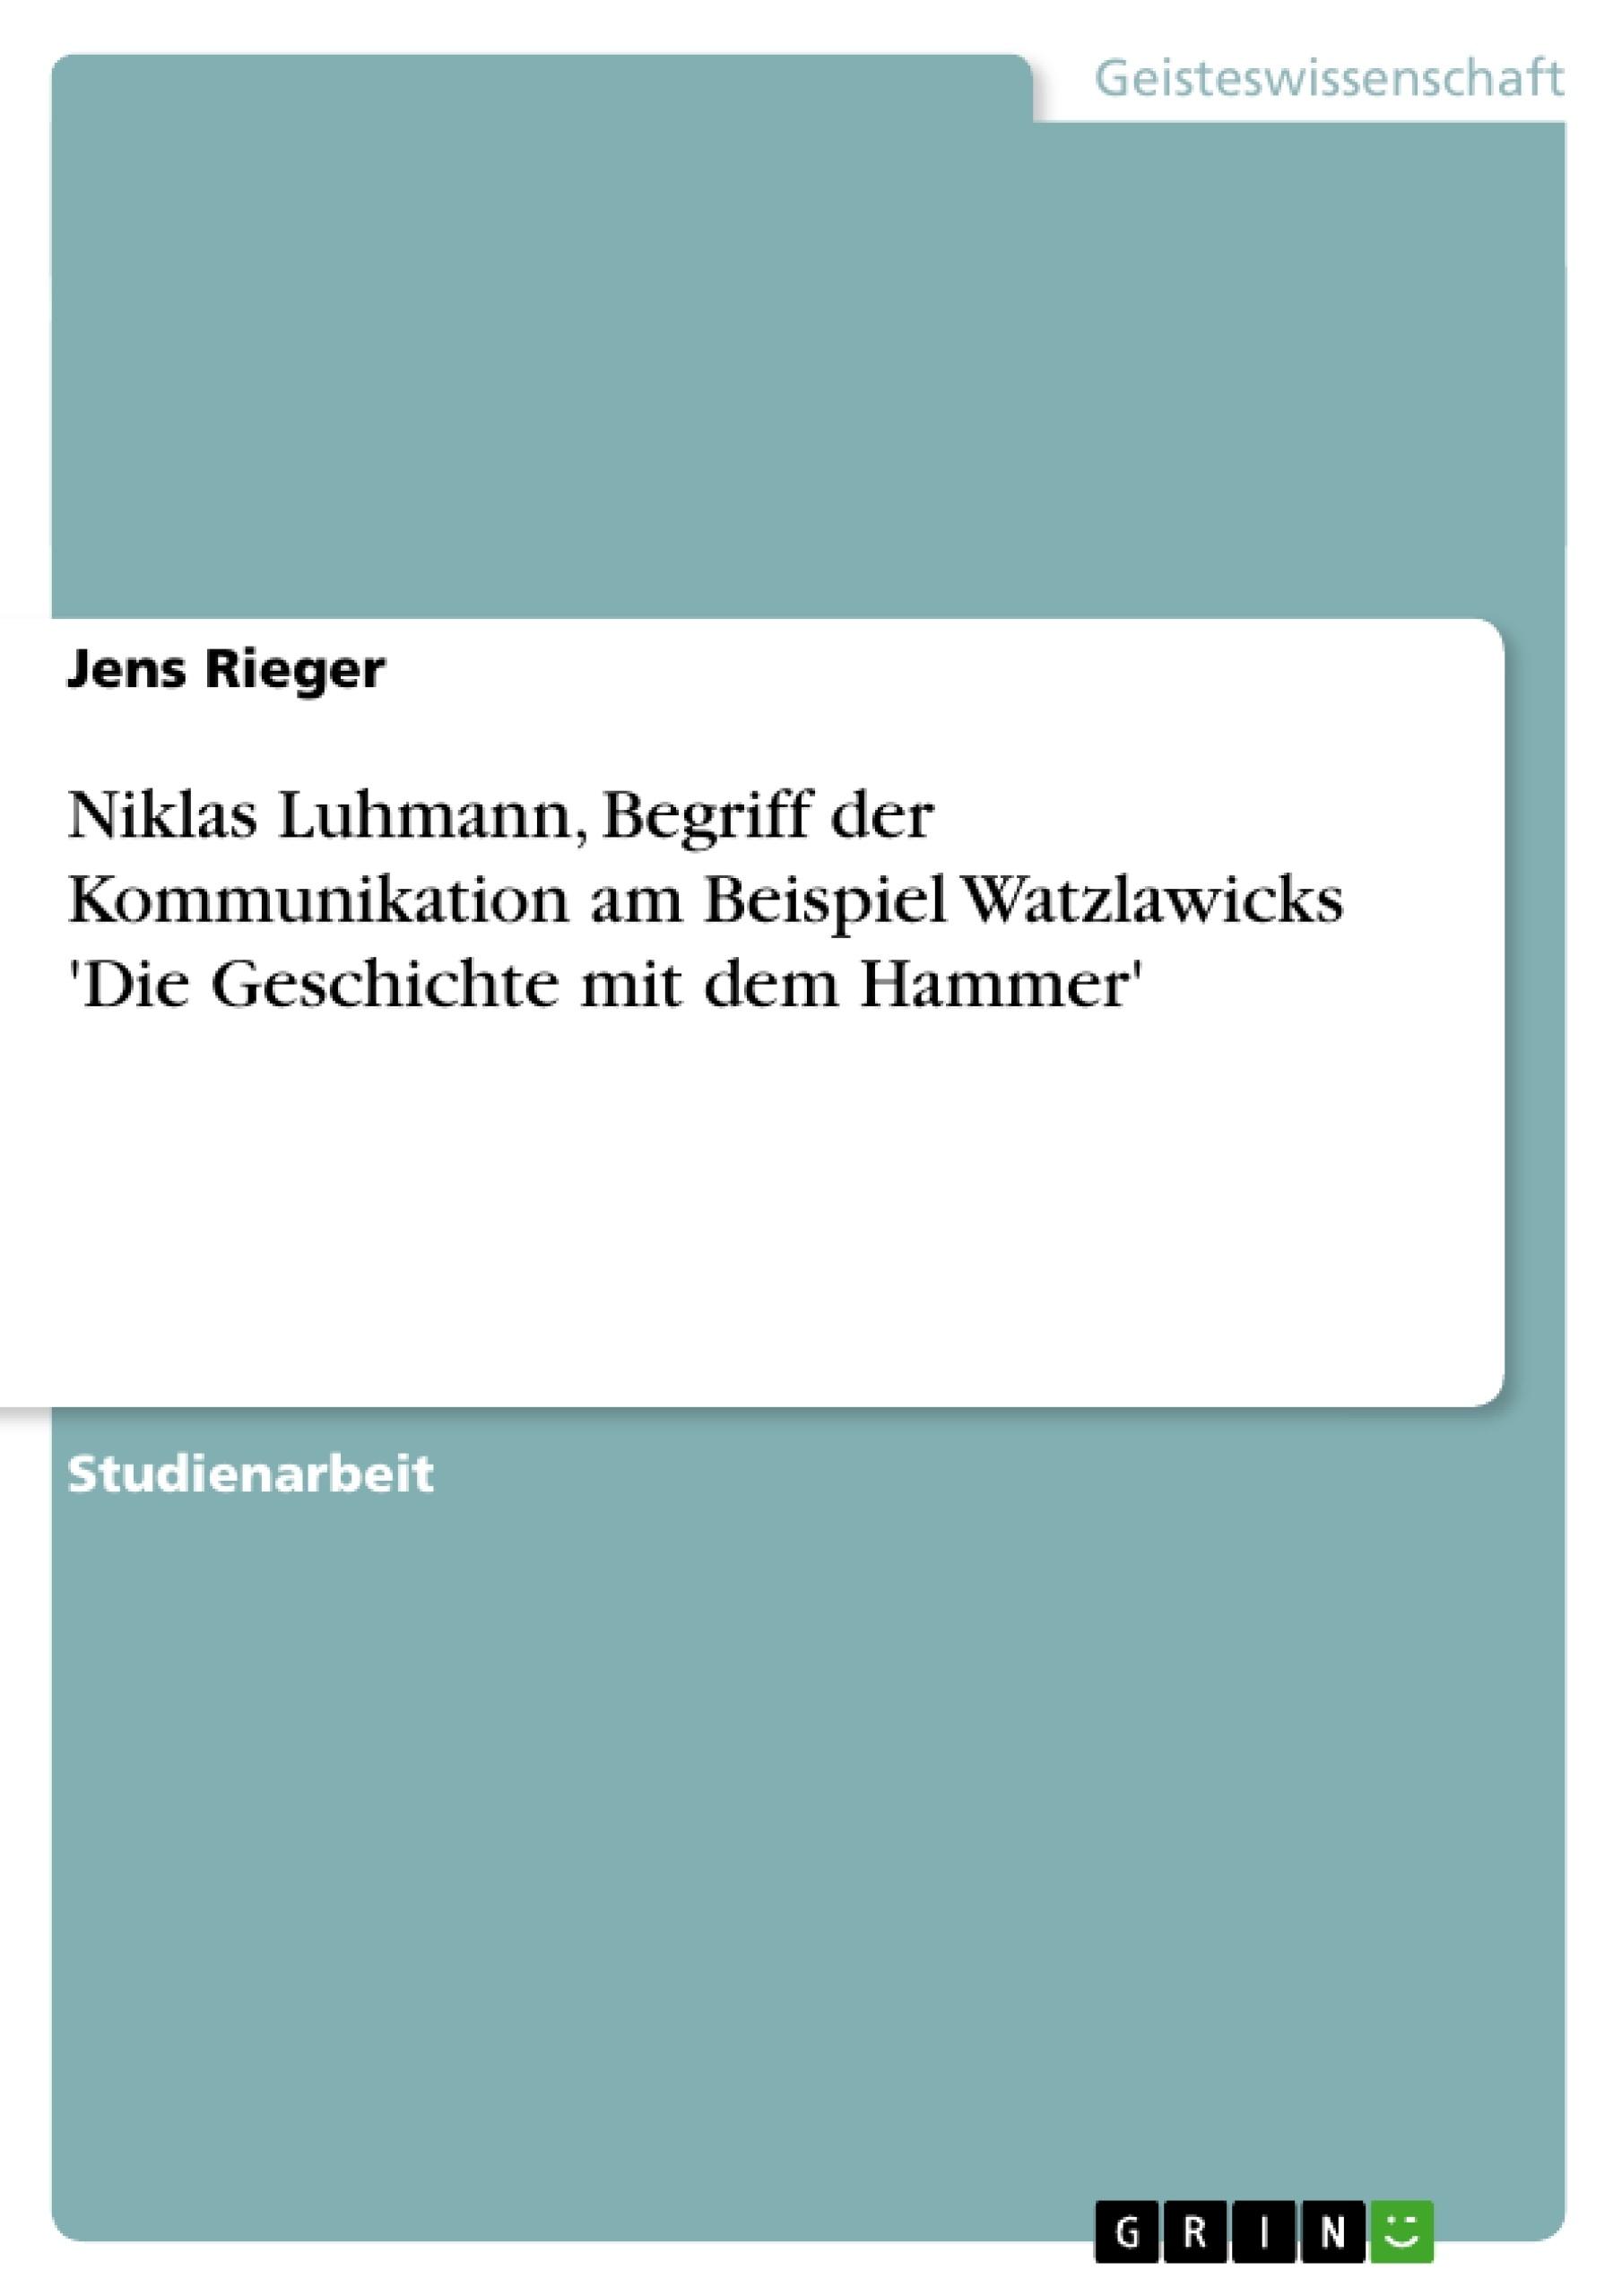 Titel: Niklas Luhmann, Begriff der Kommunikation am Beispiel Watzlawicks 'Die Geschichte mit dem Hammer'